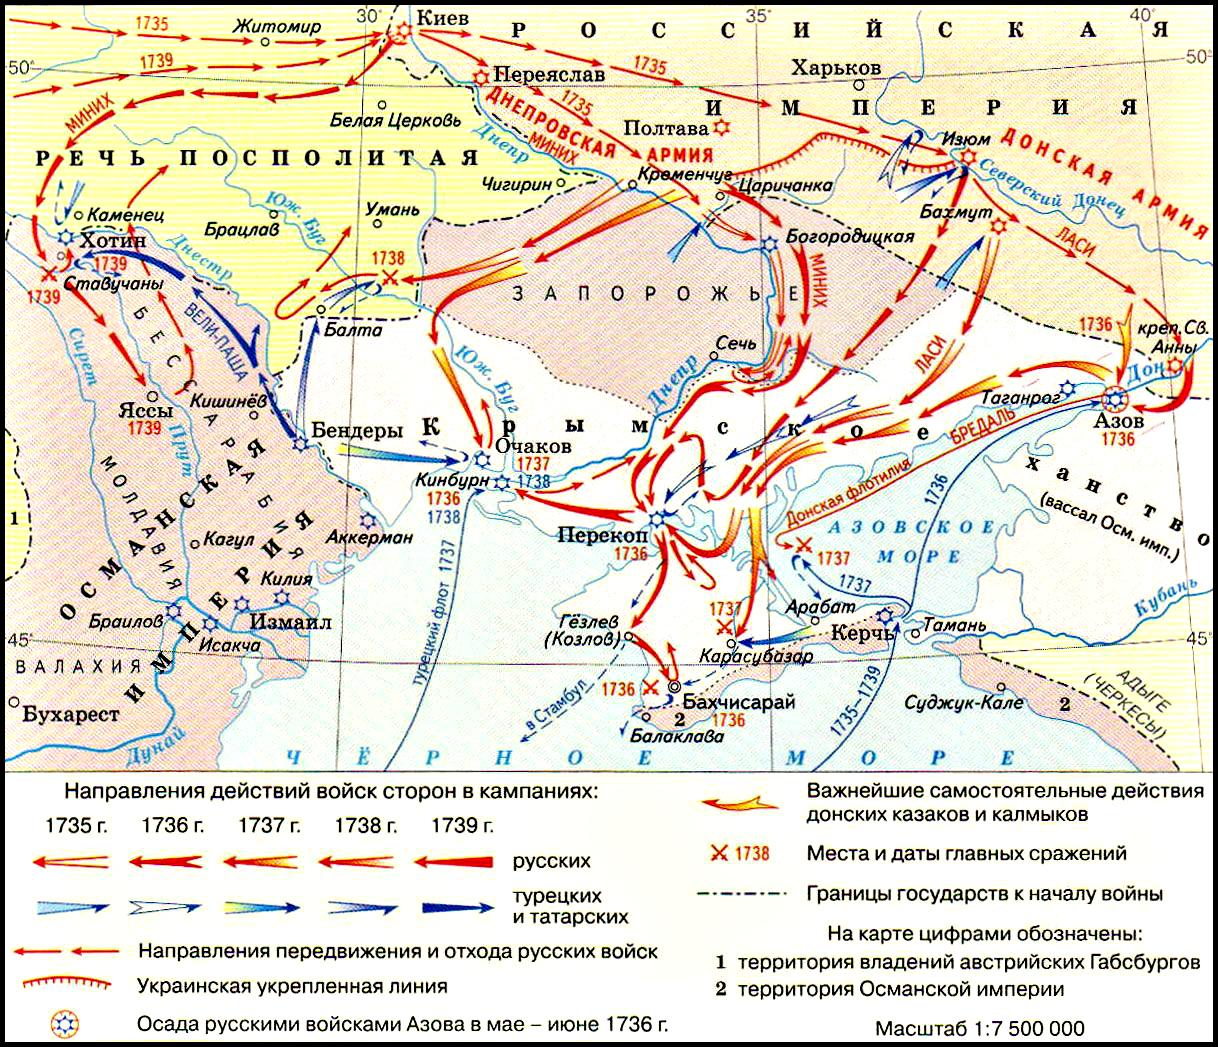 russko-turetskaya-voyna-1735-1739-gg